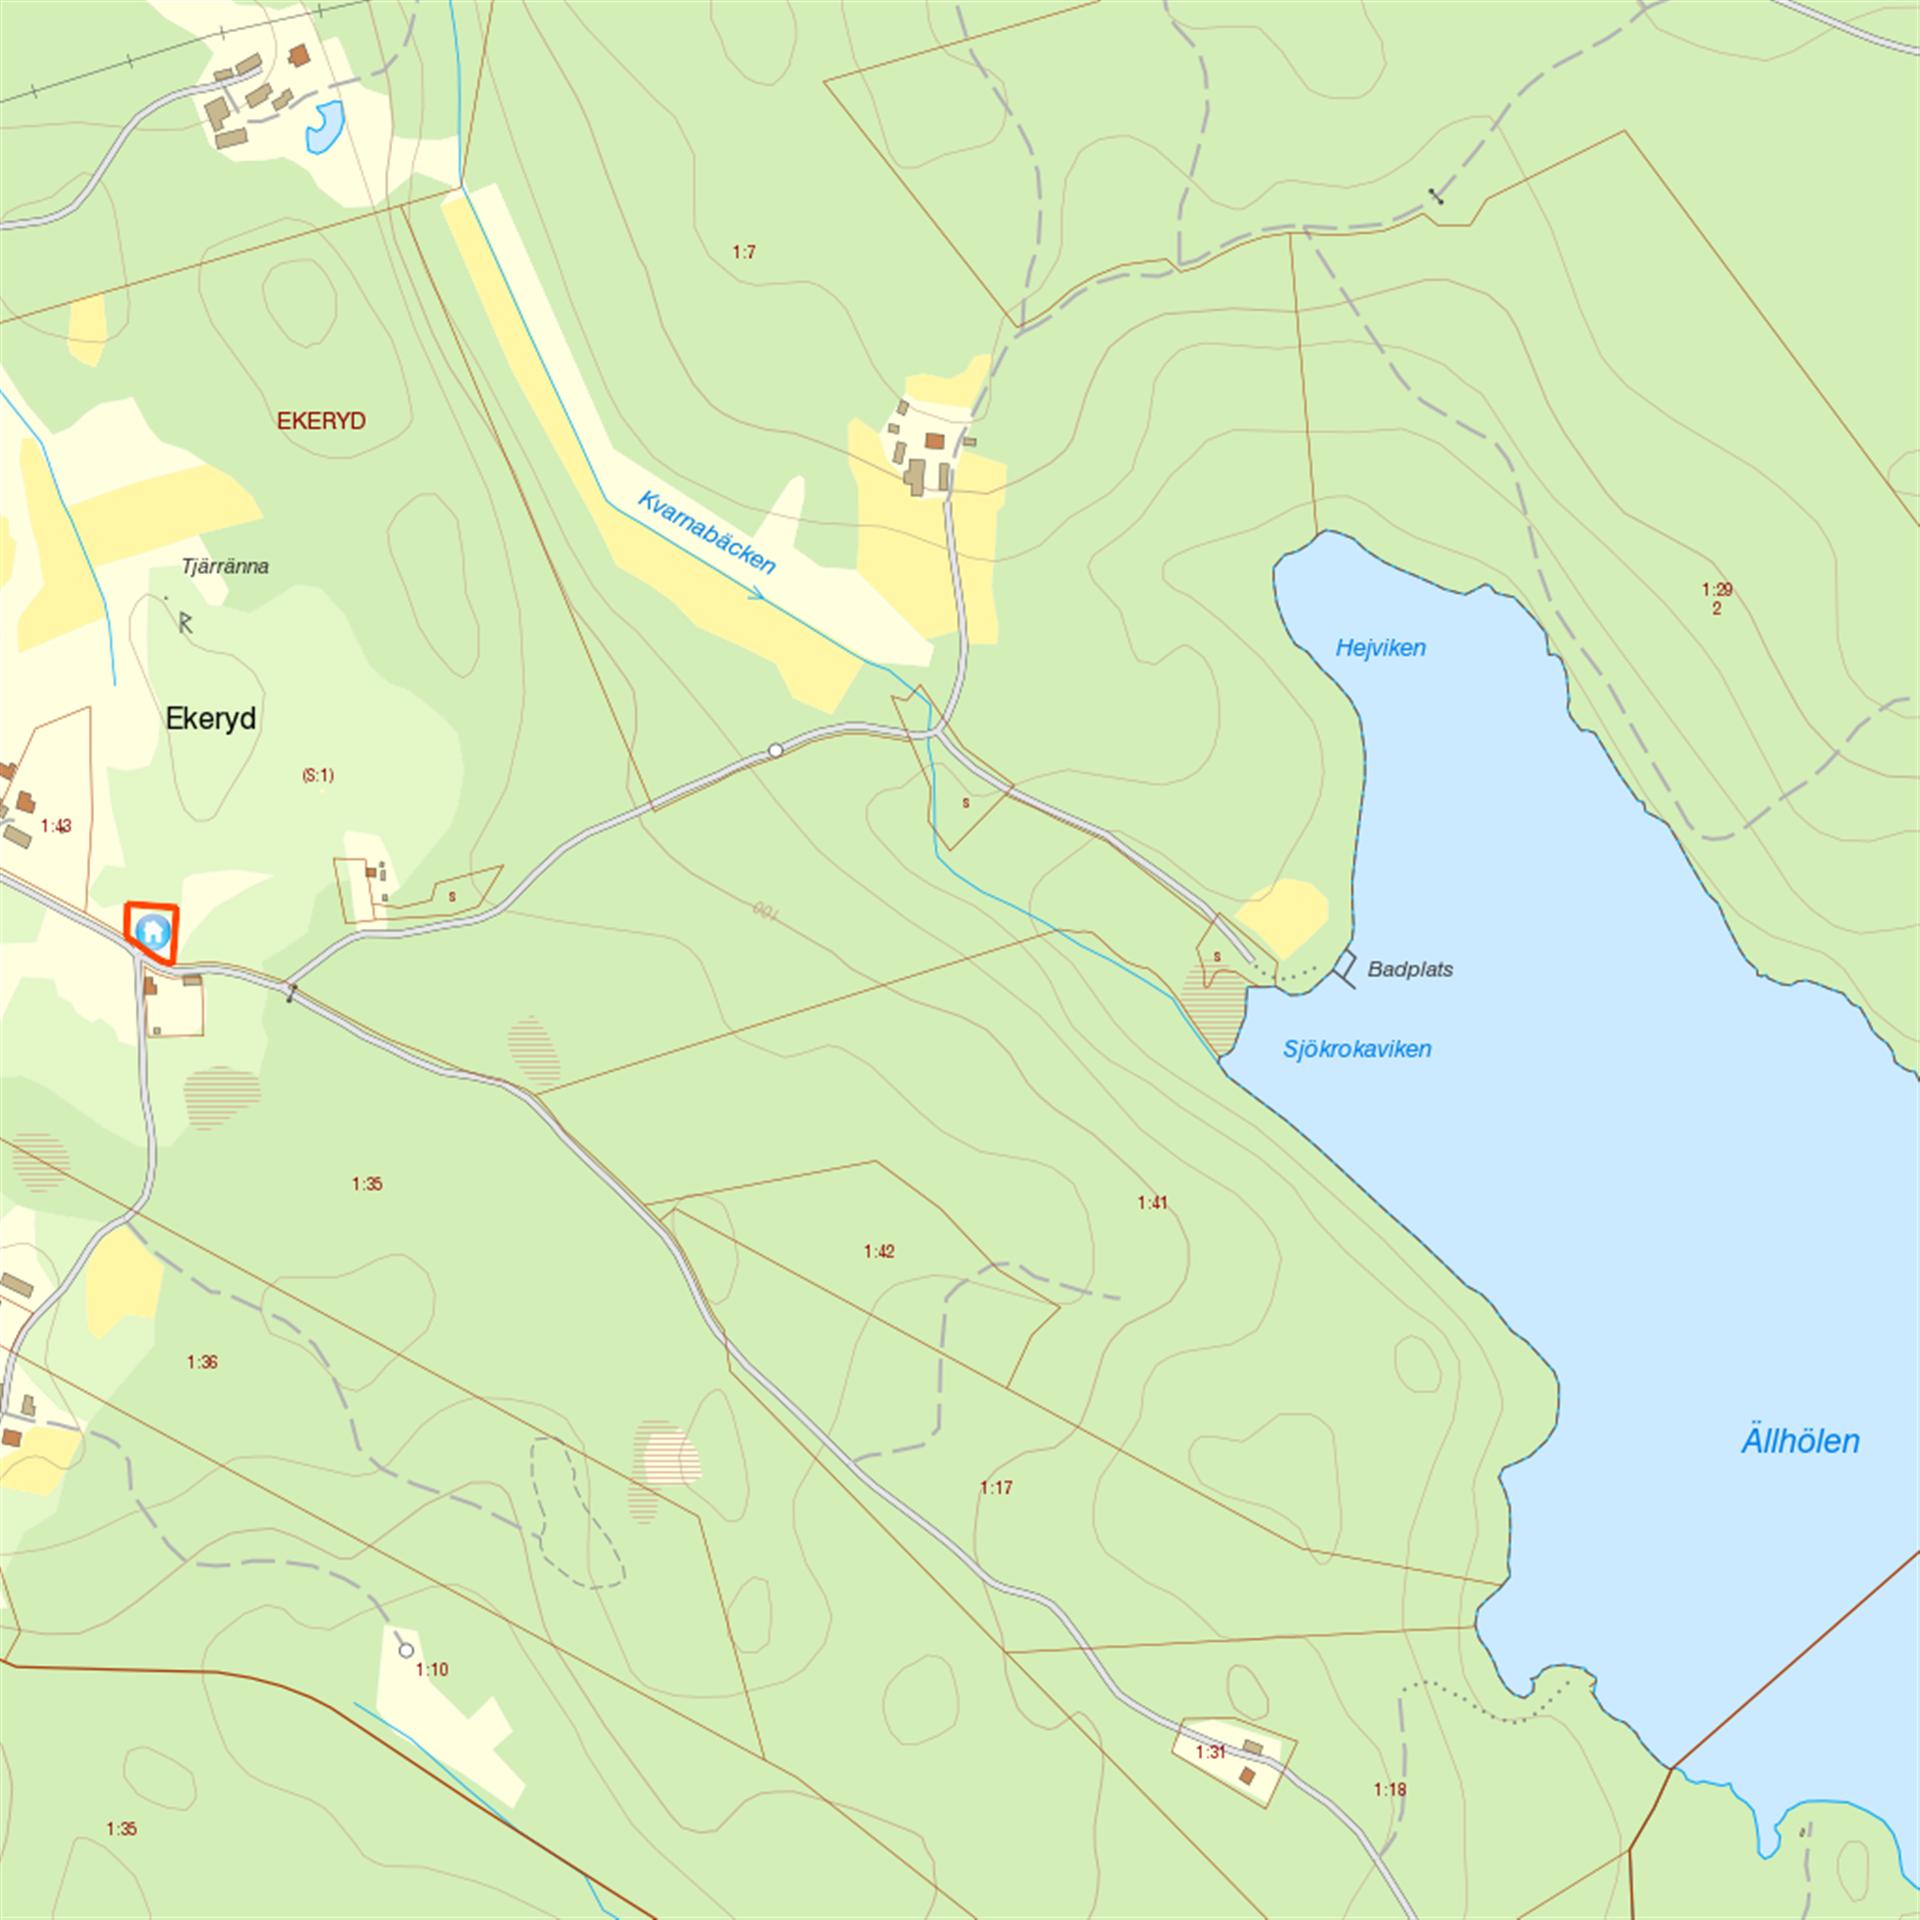 Karta över området!